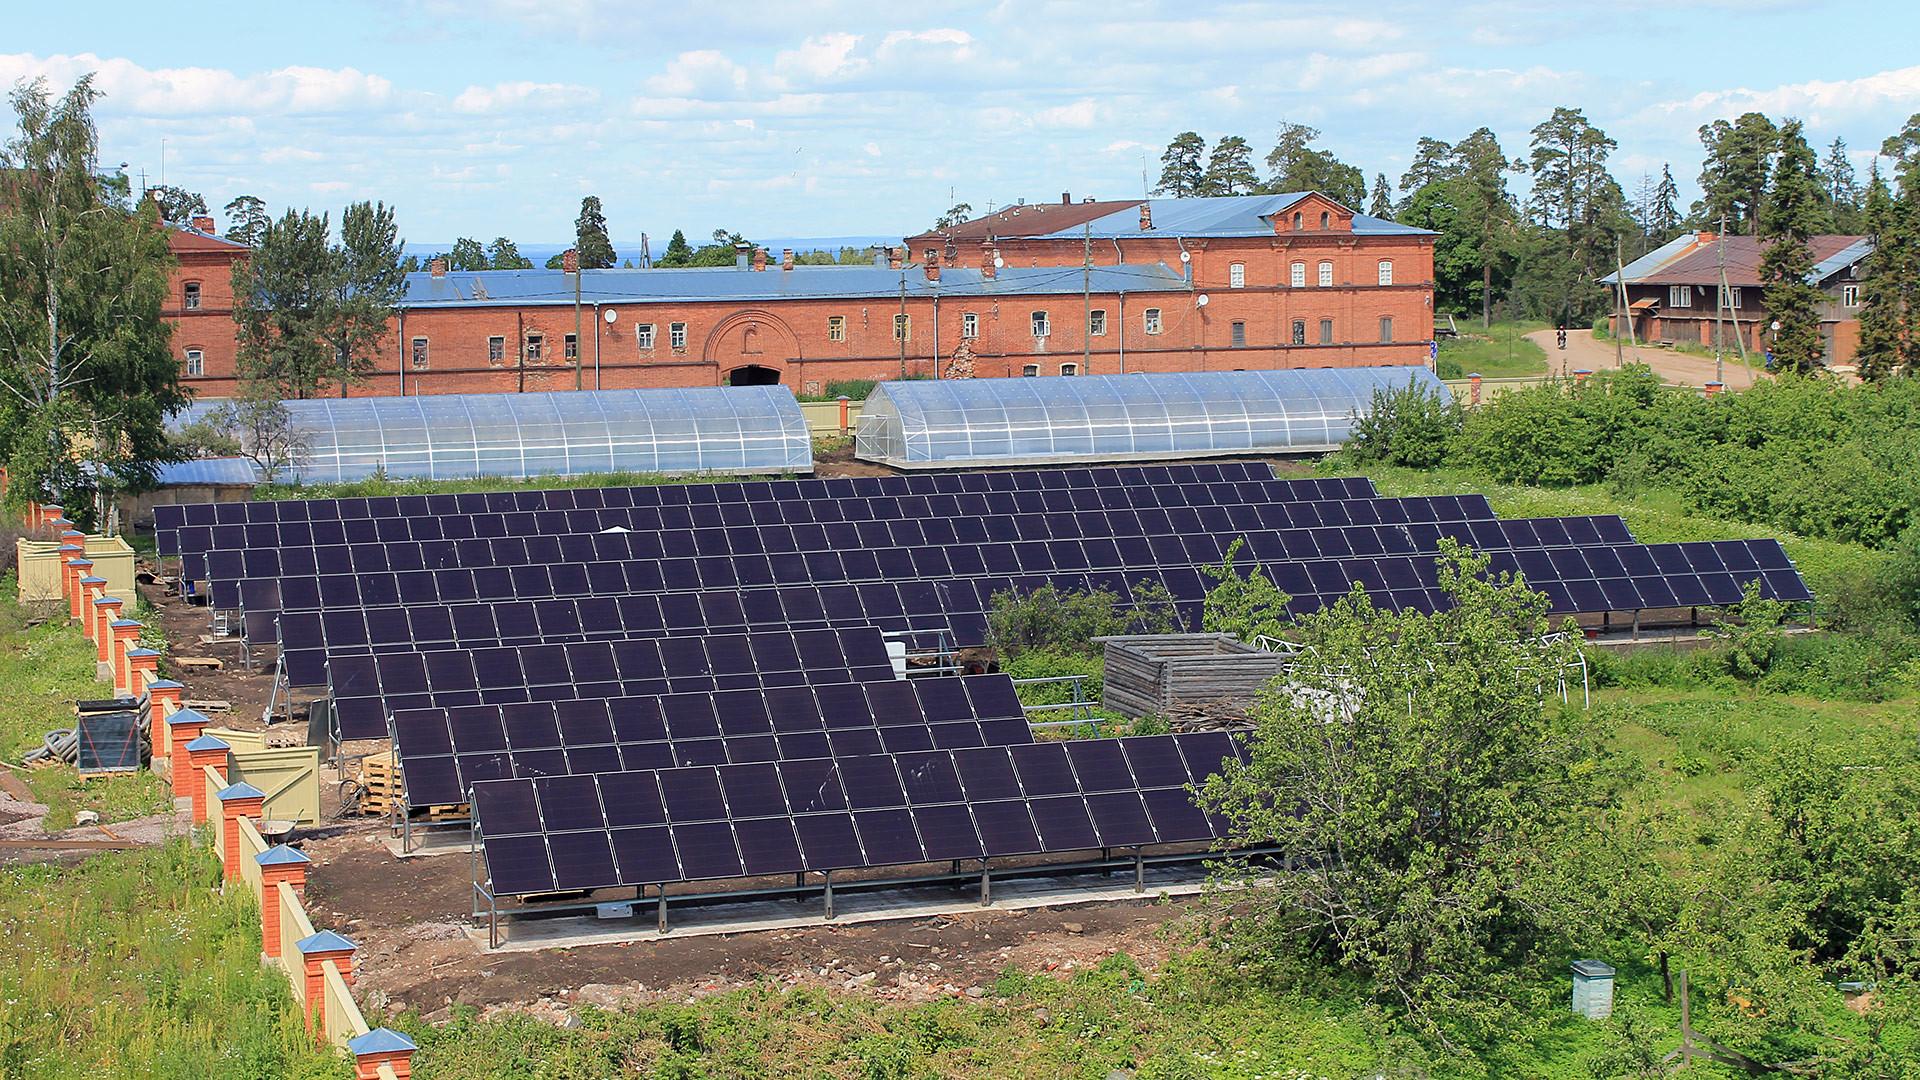 ヴァラアム島の太陽光発電所